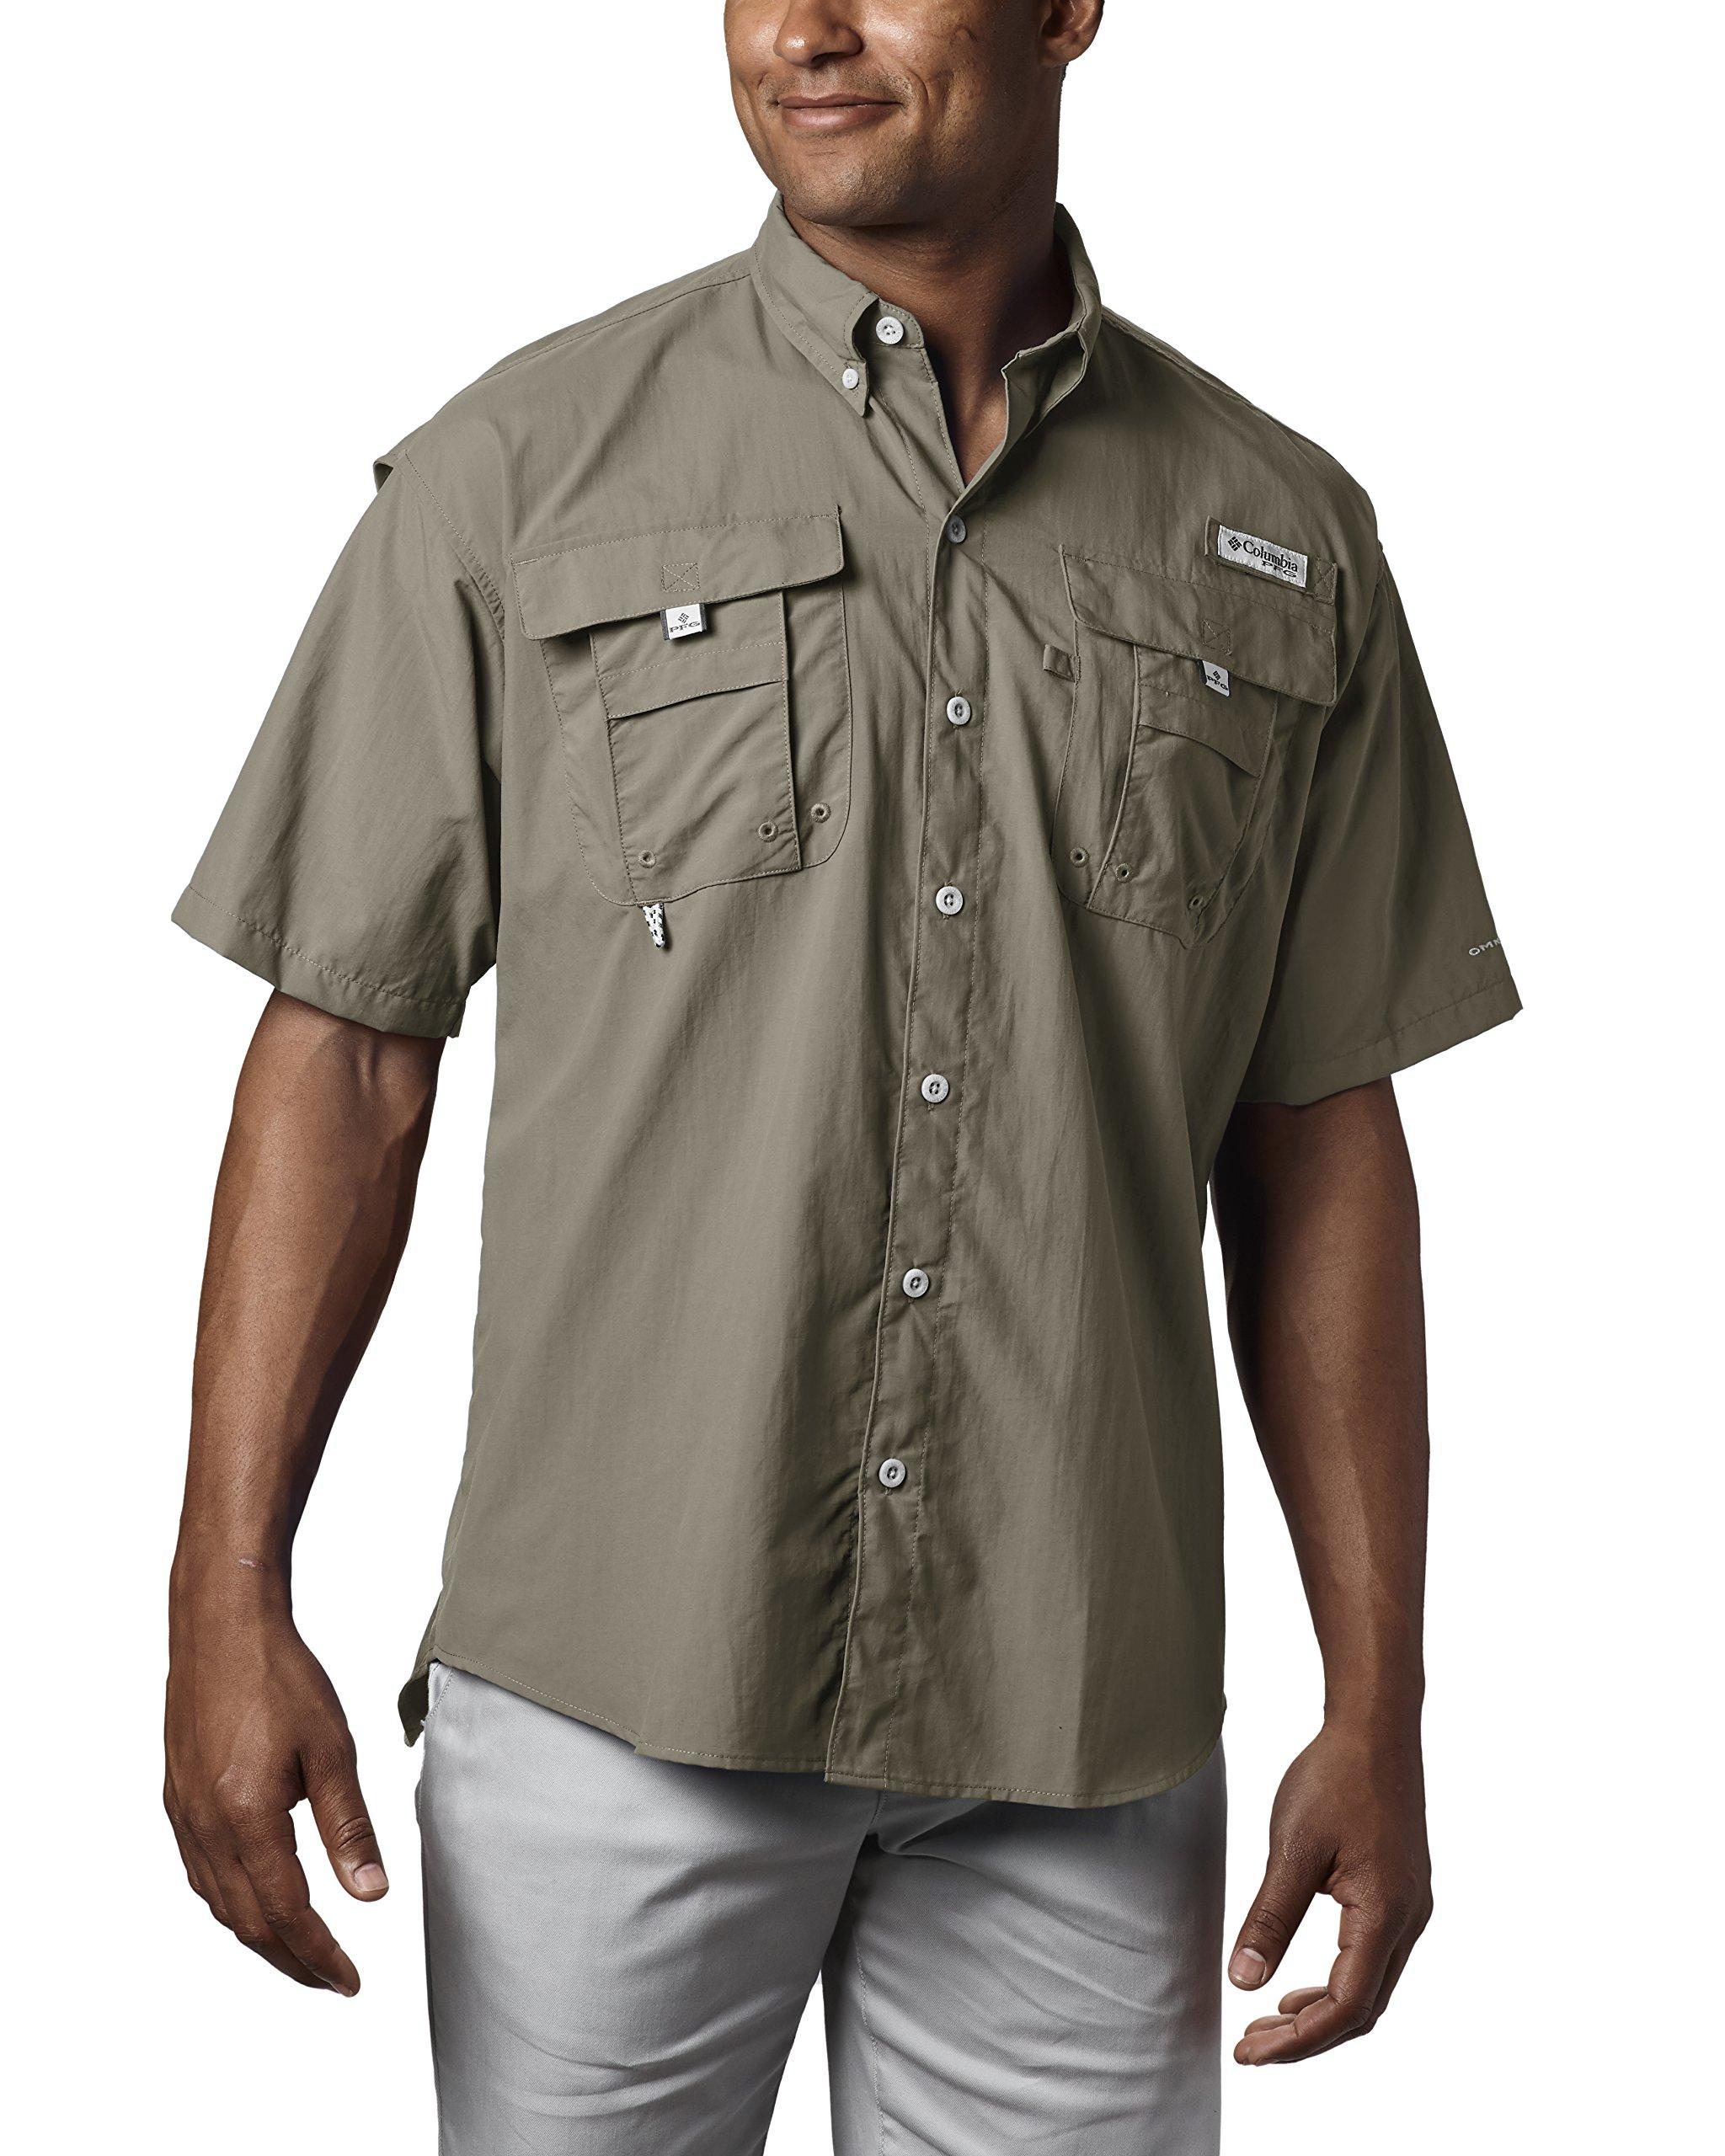 Columbia Men's PFG Bahama II Short Sleeve Shirt, Sage, X-Small